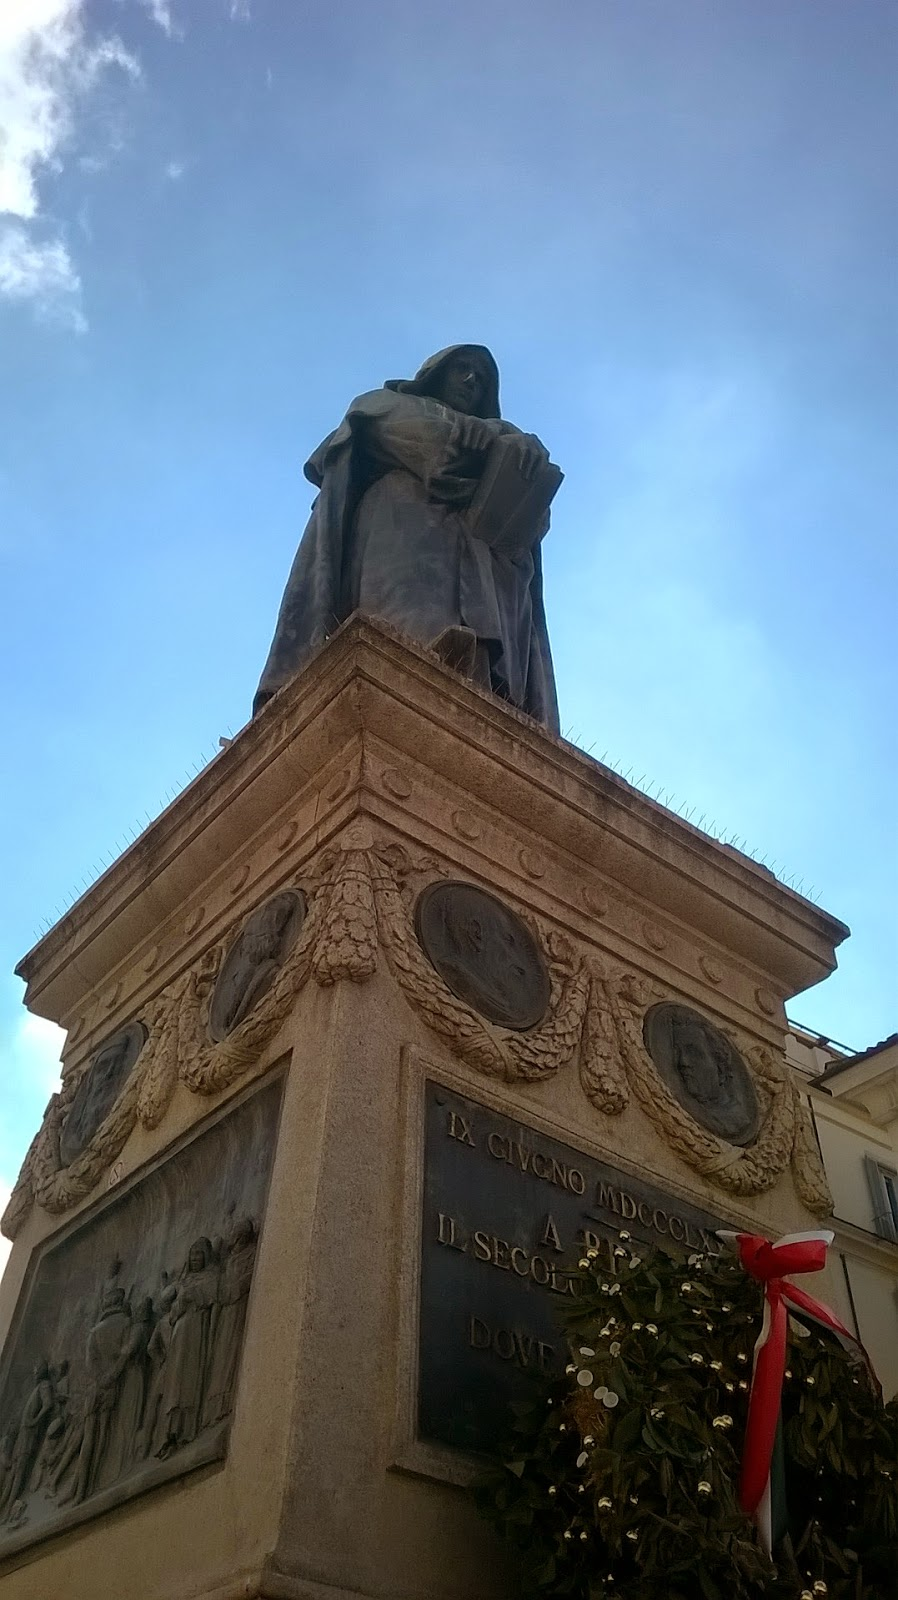 caravaggio, castel, castelo, cultura, Leonardo da Vinci, Mercato Campo di Fiori, navona, piazza, Piazza Navona, roma, itália,